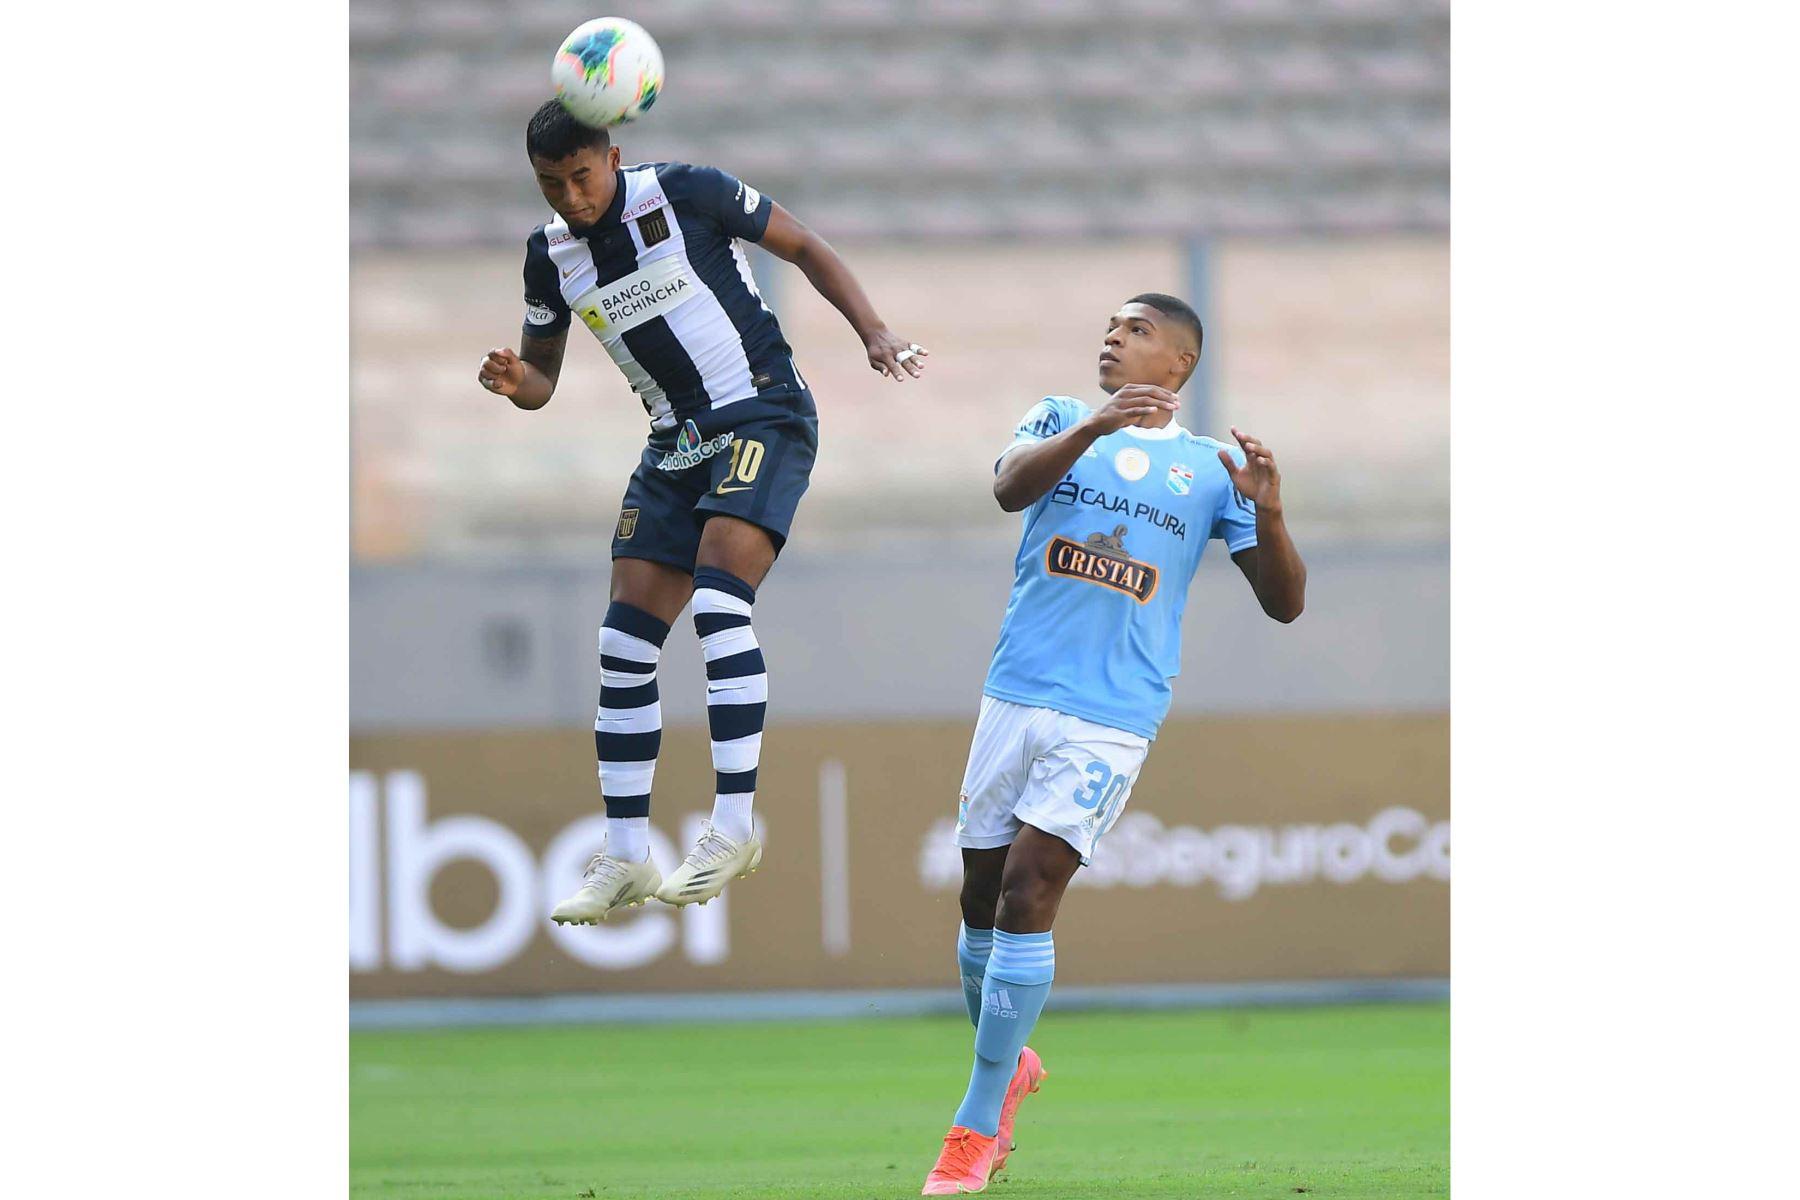 El jugador P. Lisa  de Cristal disputa el balón con el jugador de Alianza Lima  por la sexta fecha de la fase 1, en el estadio Nacional .  Foto: Liga 1